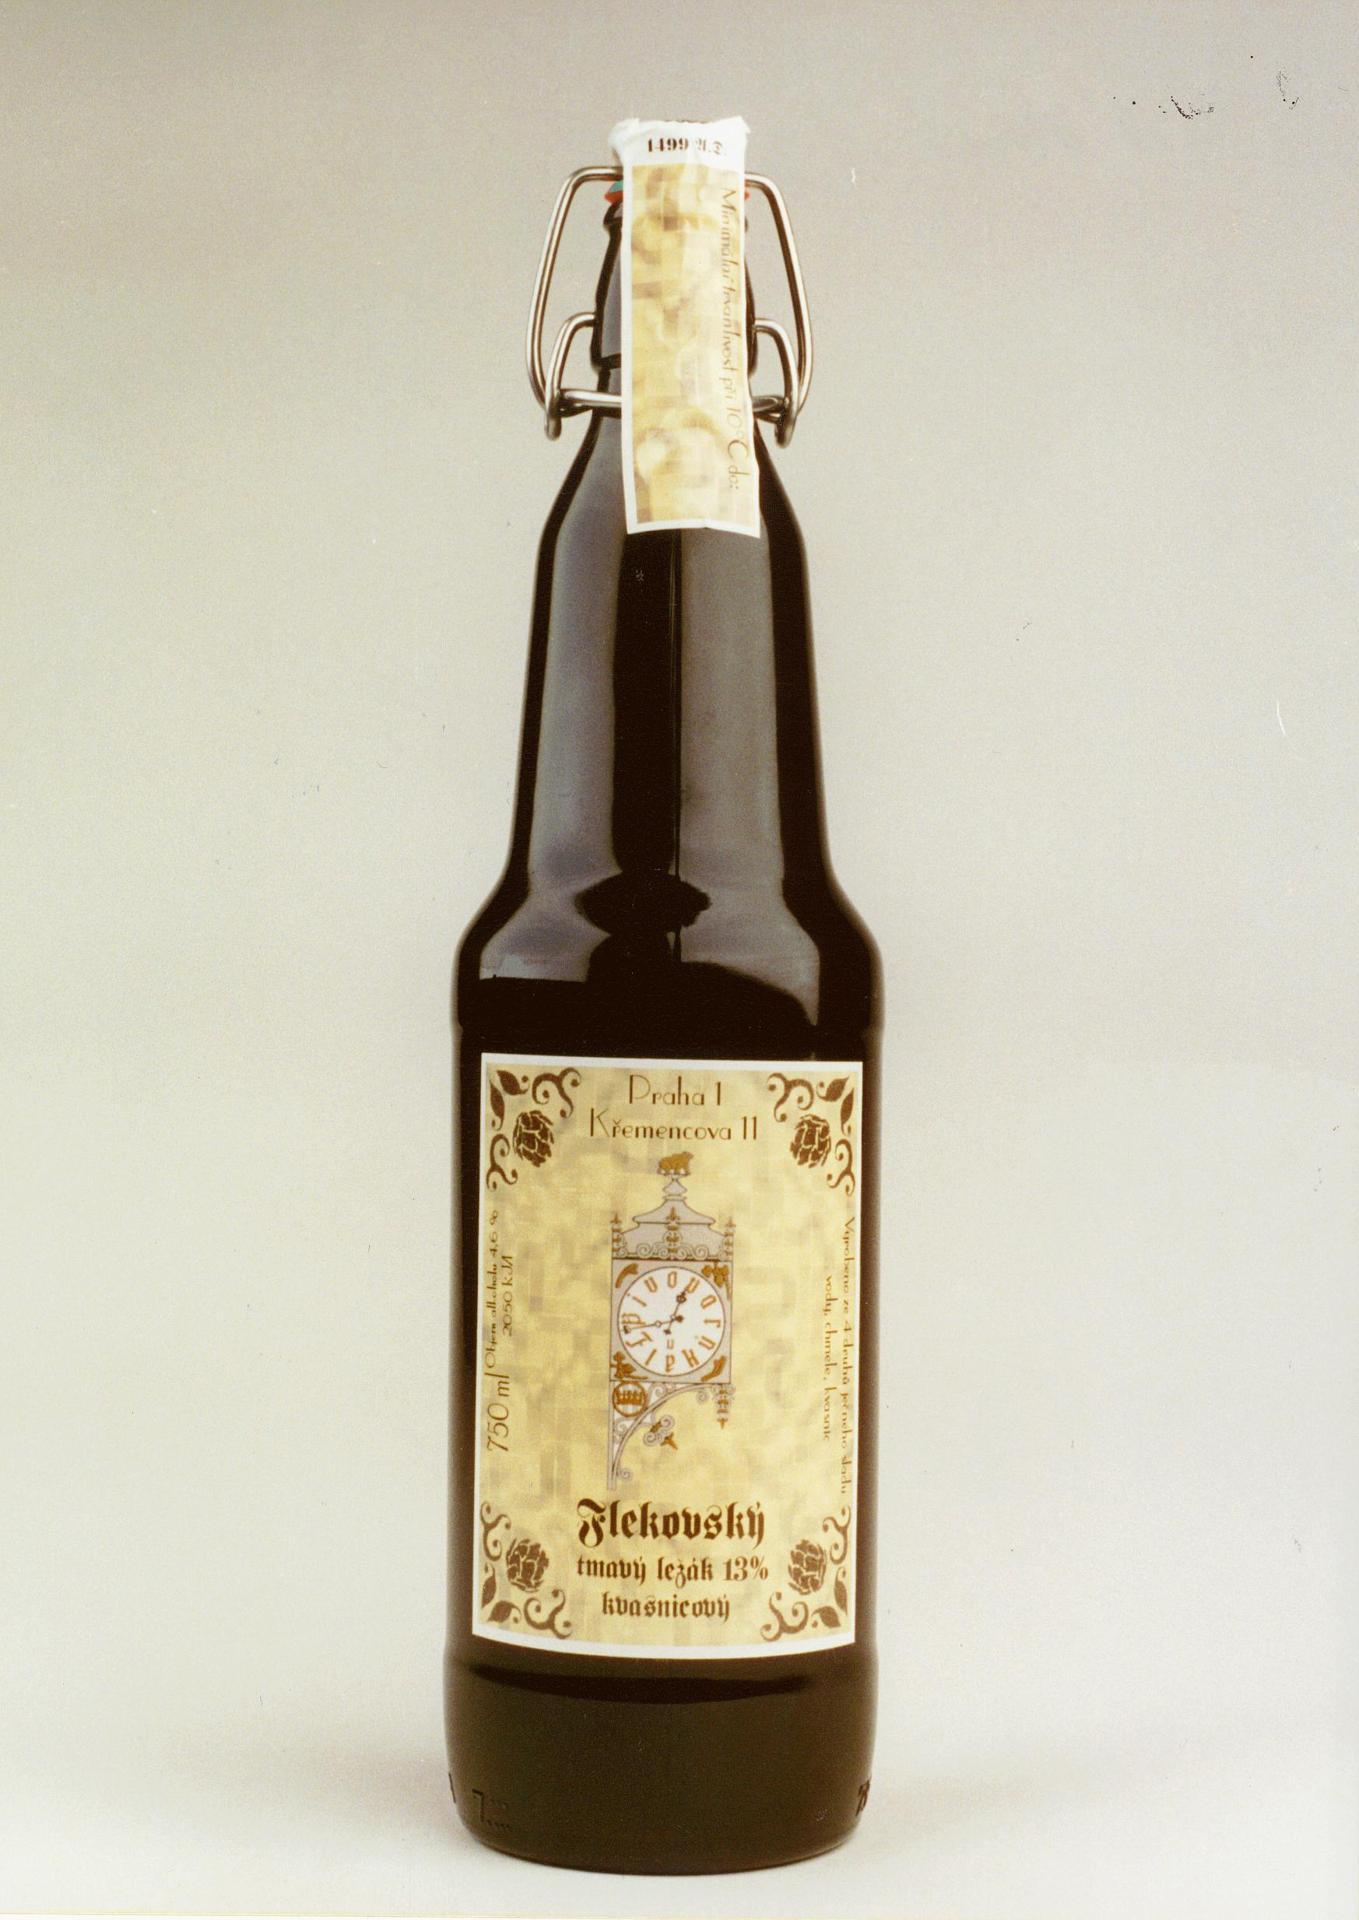 0,75l lahev patentní 190,- Kč